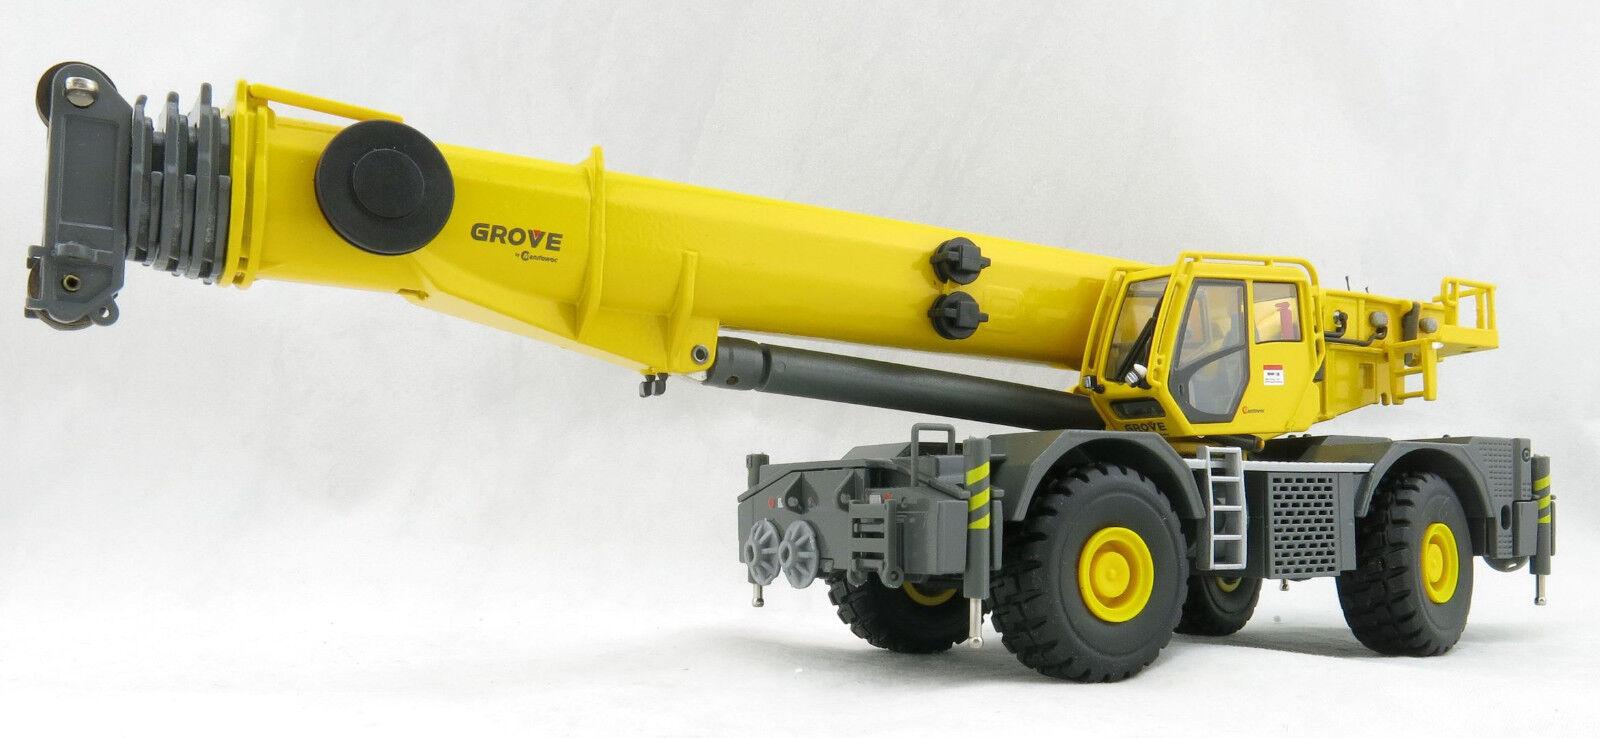 Conrad 2117 0 GROVE GRT 8100 Rough Terrain Mobile Crane - Scale 1 50